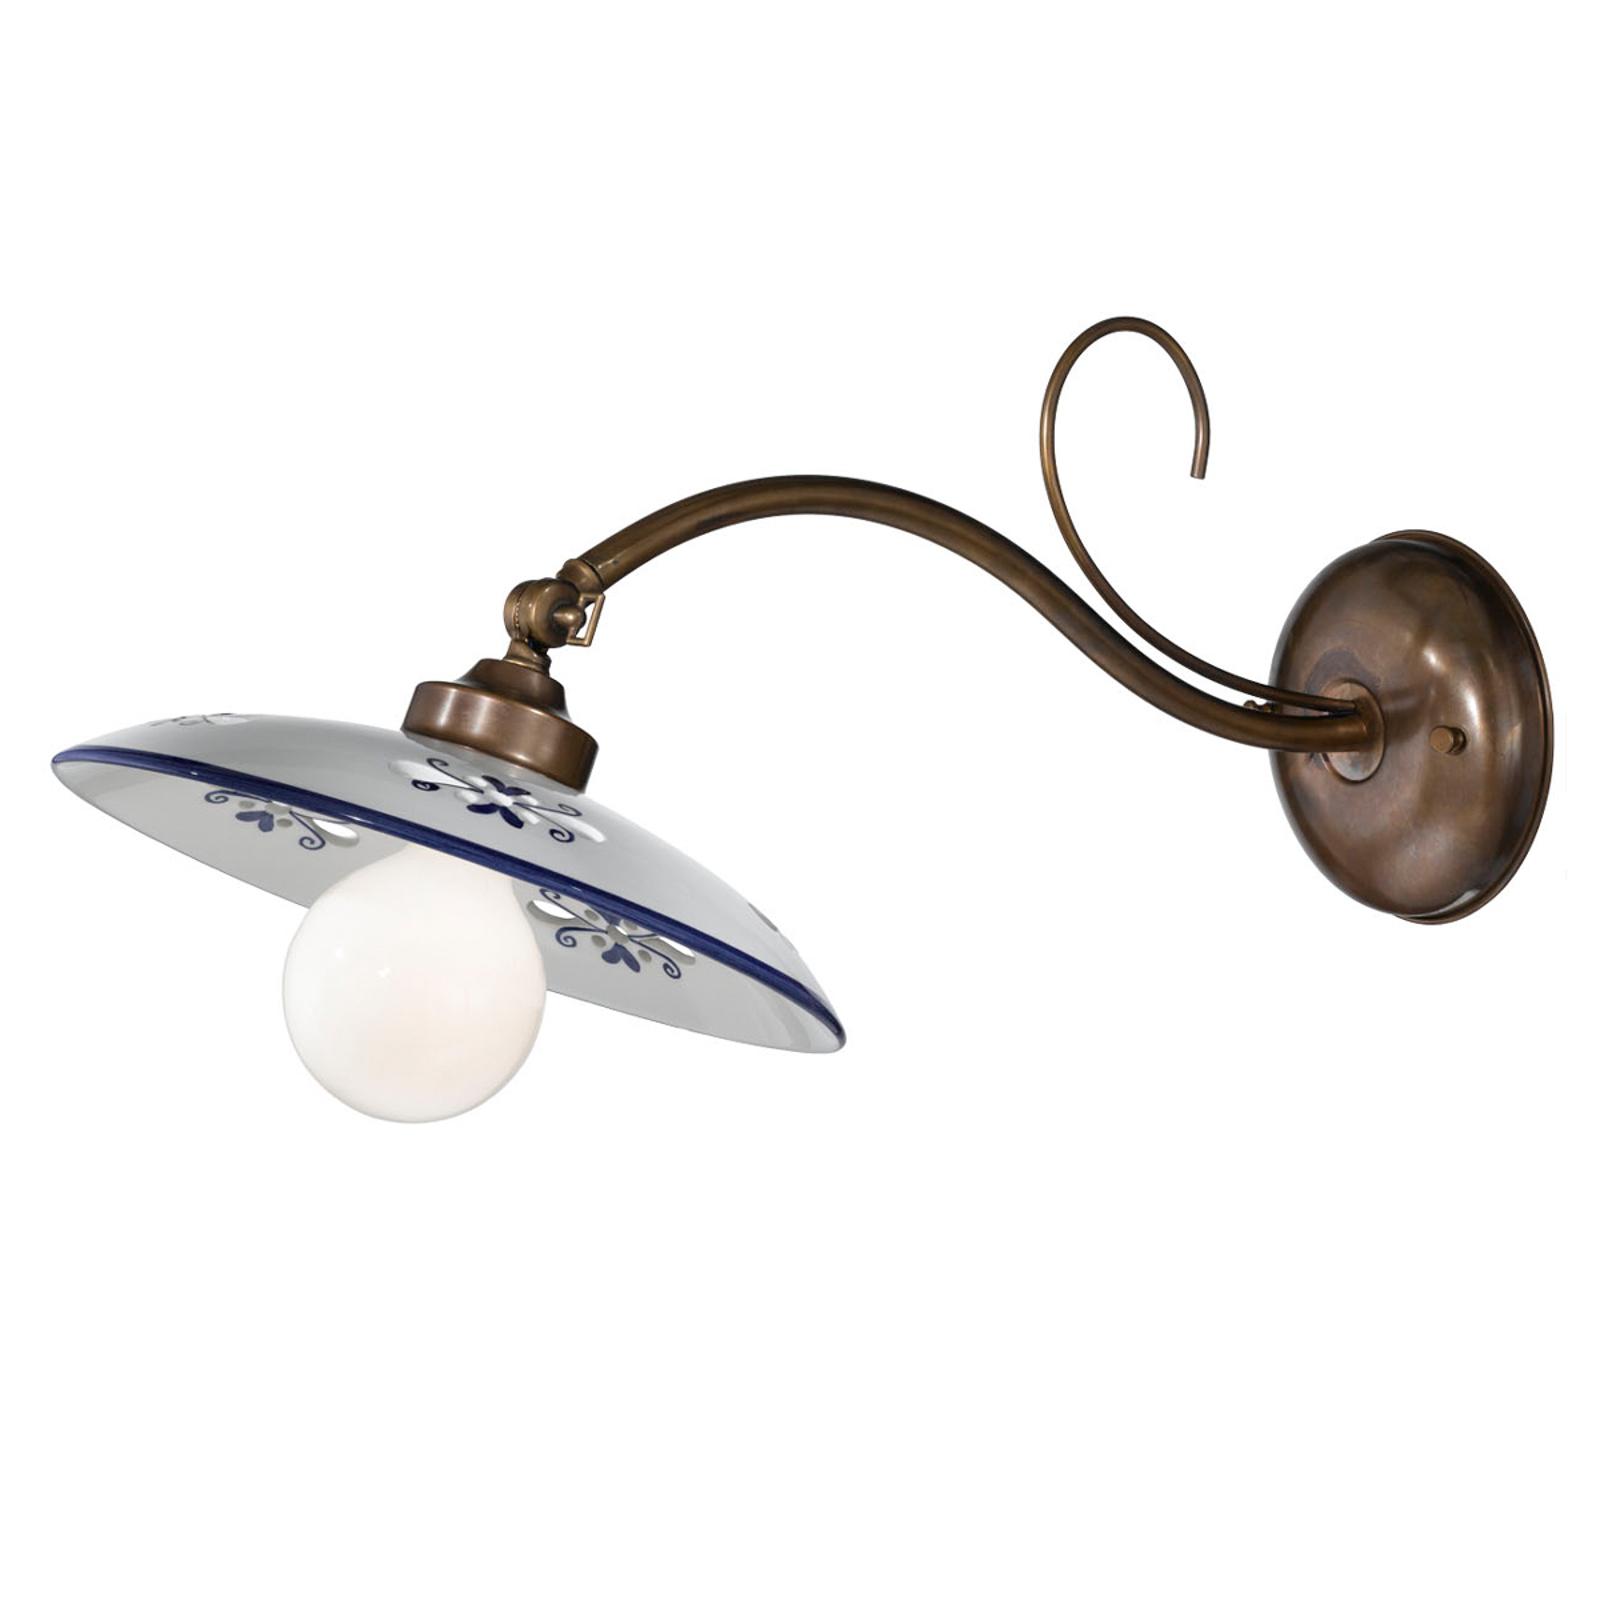 Lampa ścienna Bassano, klosz ceramiczny, niebieska